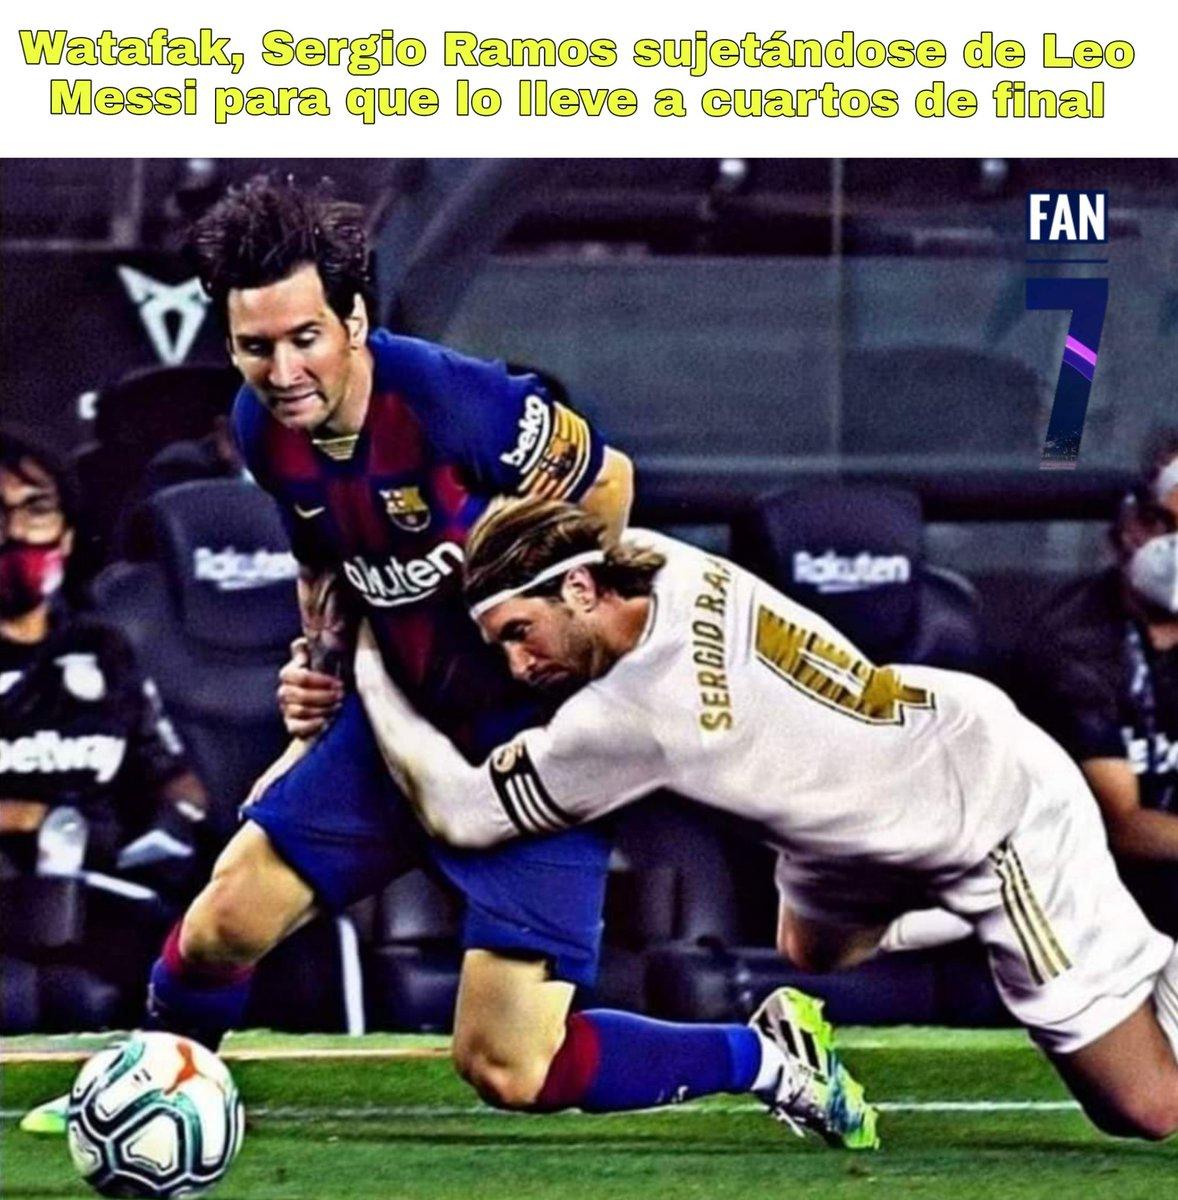 😳 WATAFAK RAMOS 😳  Se filtra una foto donde se ve a Sergio Ramos sujetándose con todas sus fuerzas de Leo Messi para que así el mejor jugador del mundo lo pueda llevar a cuartos de final.   Sigan para más memes  #RealMadrid #FCBarcelona #ChampionsLeague #LeoMessi #SergioRamos https://t.co/QIwb6kYgmM